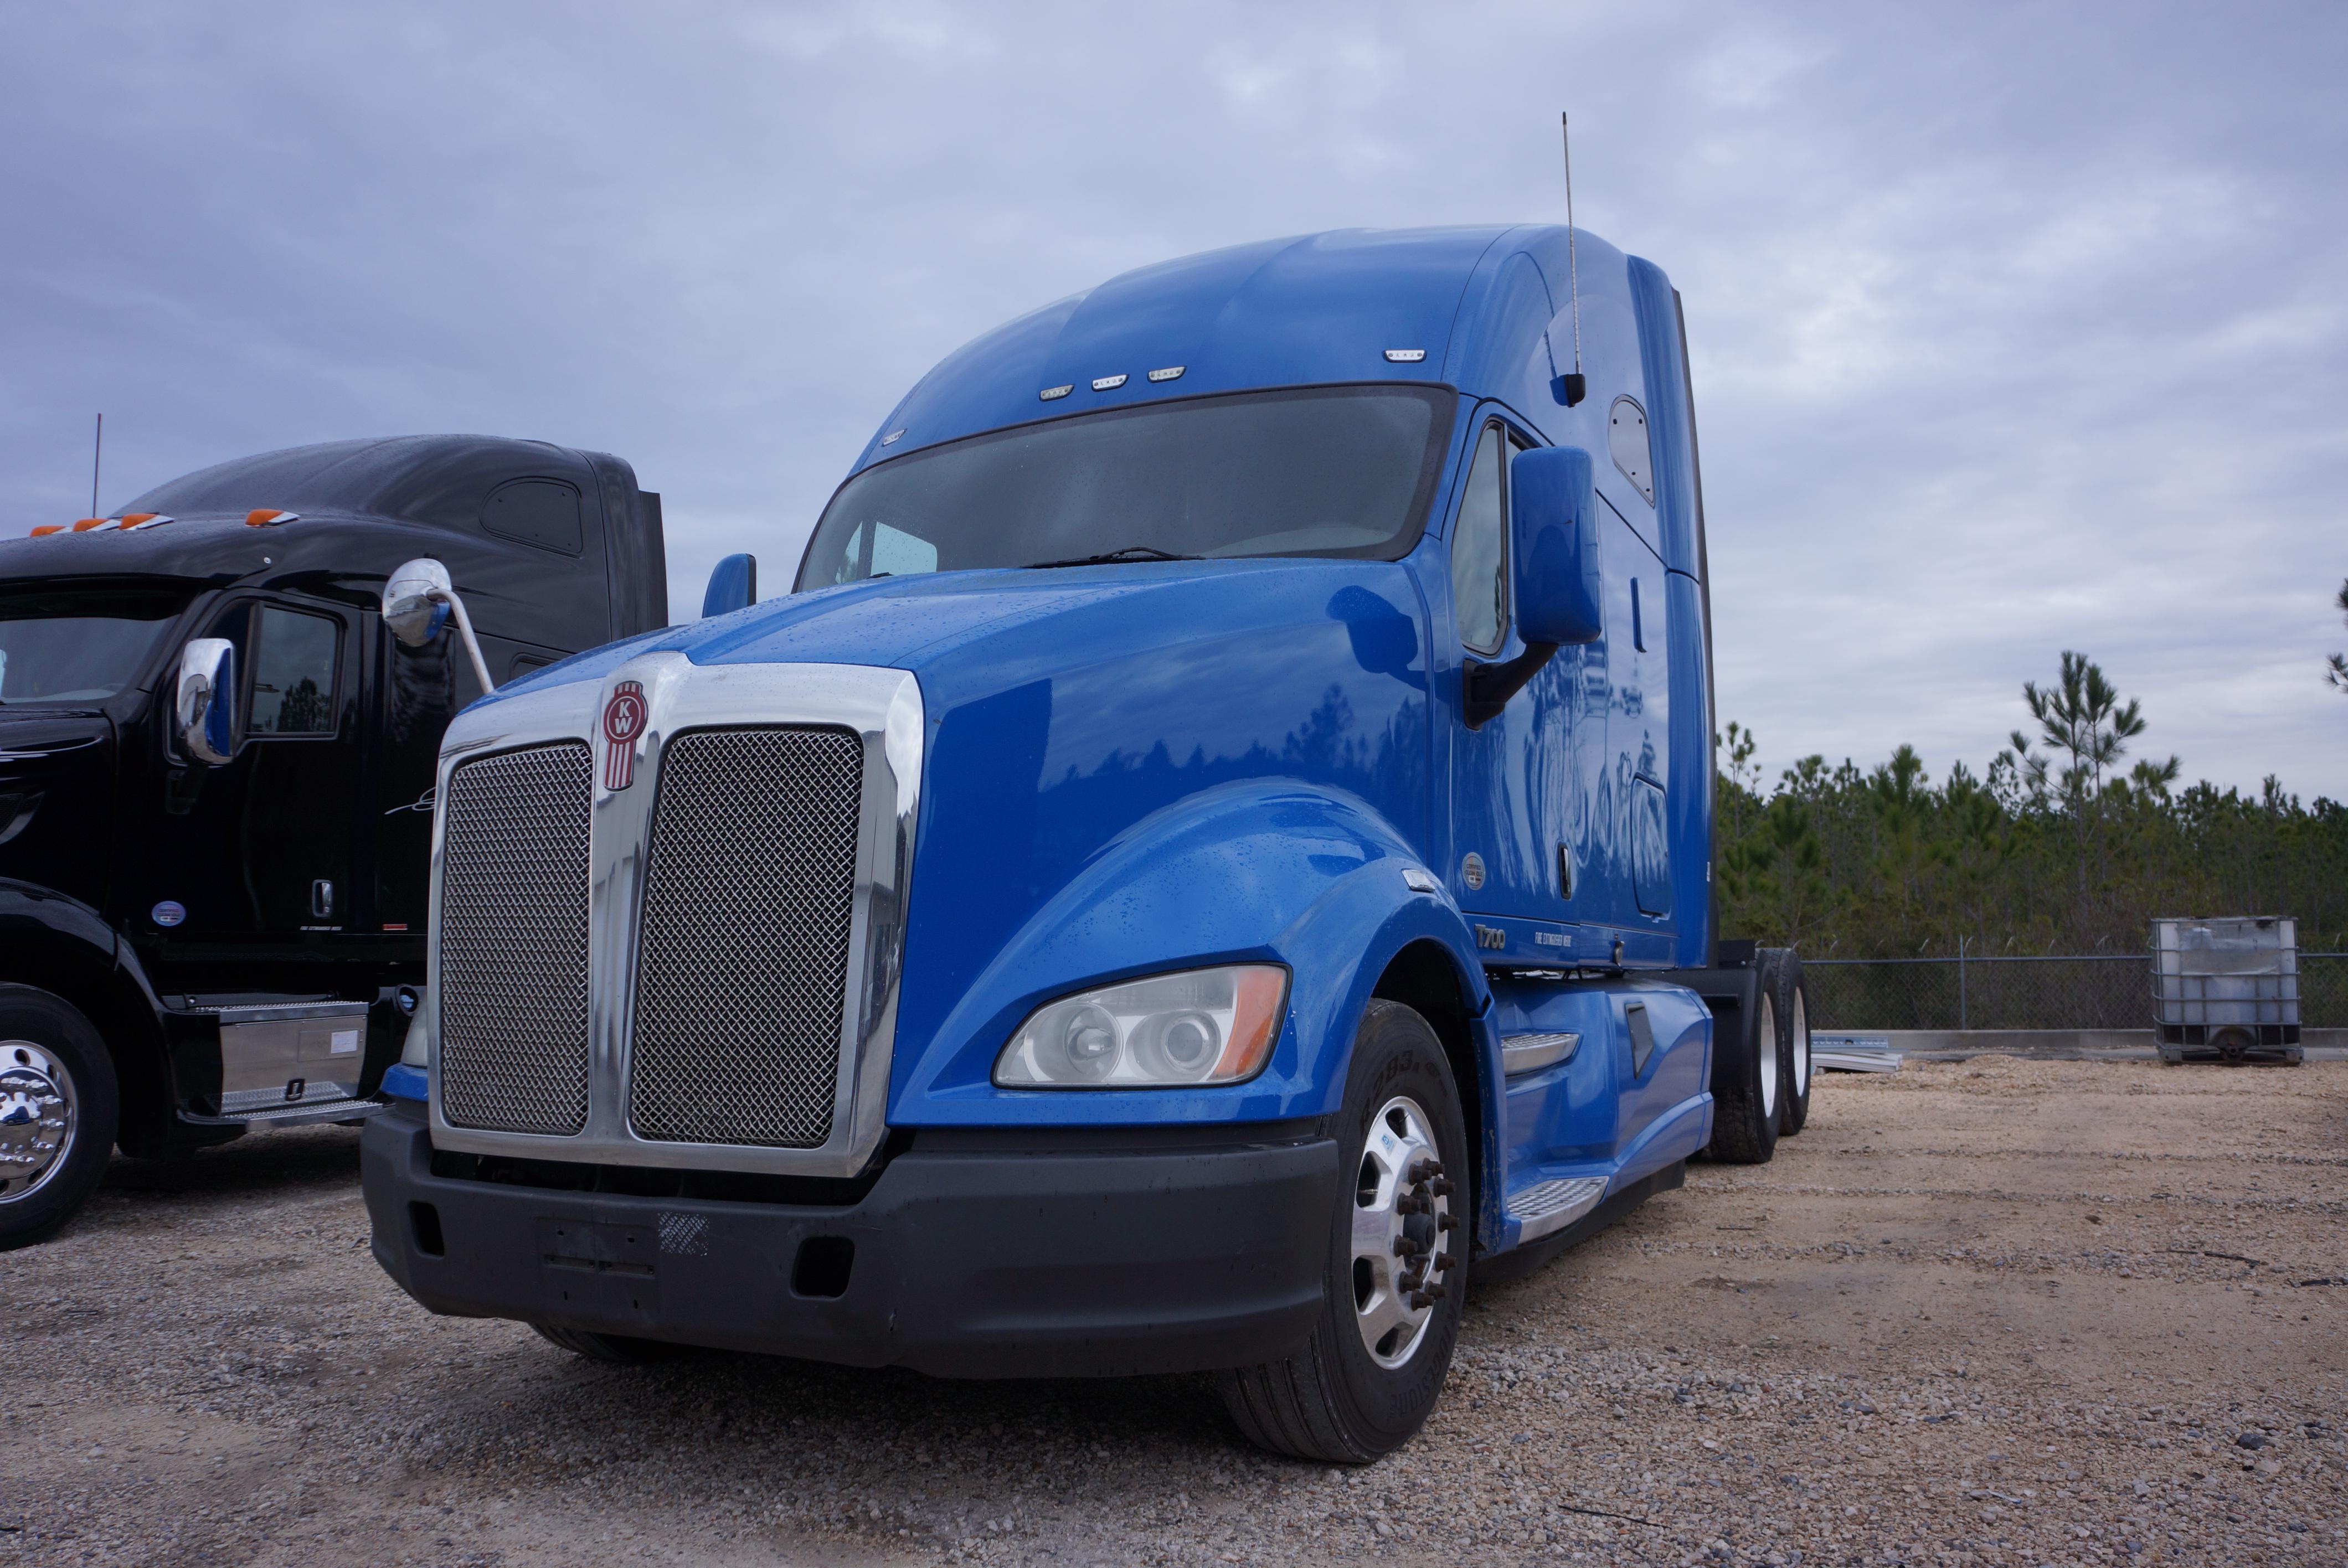 USED 2012 KENWORTH T700 SLEEPER TRUCK #133830